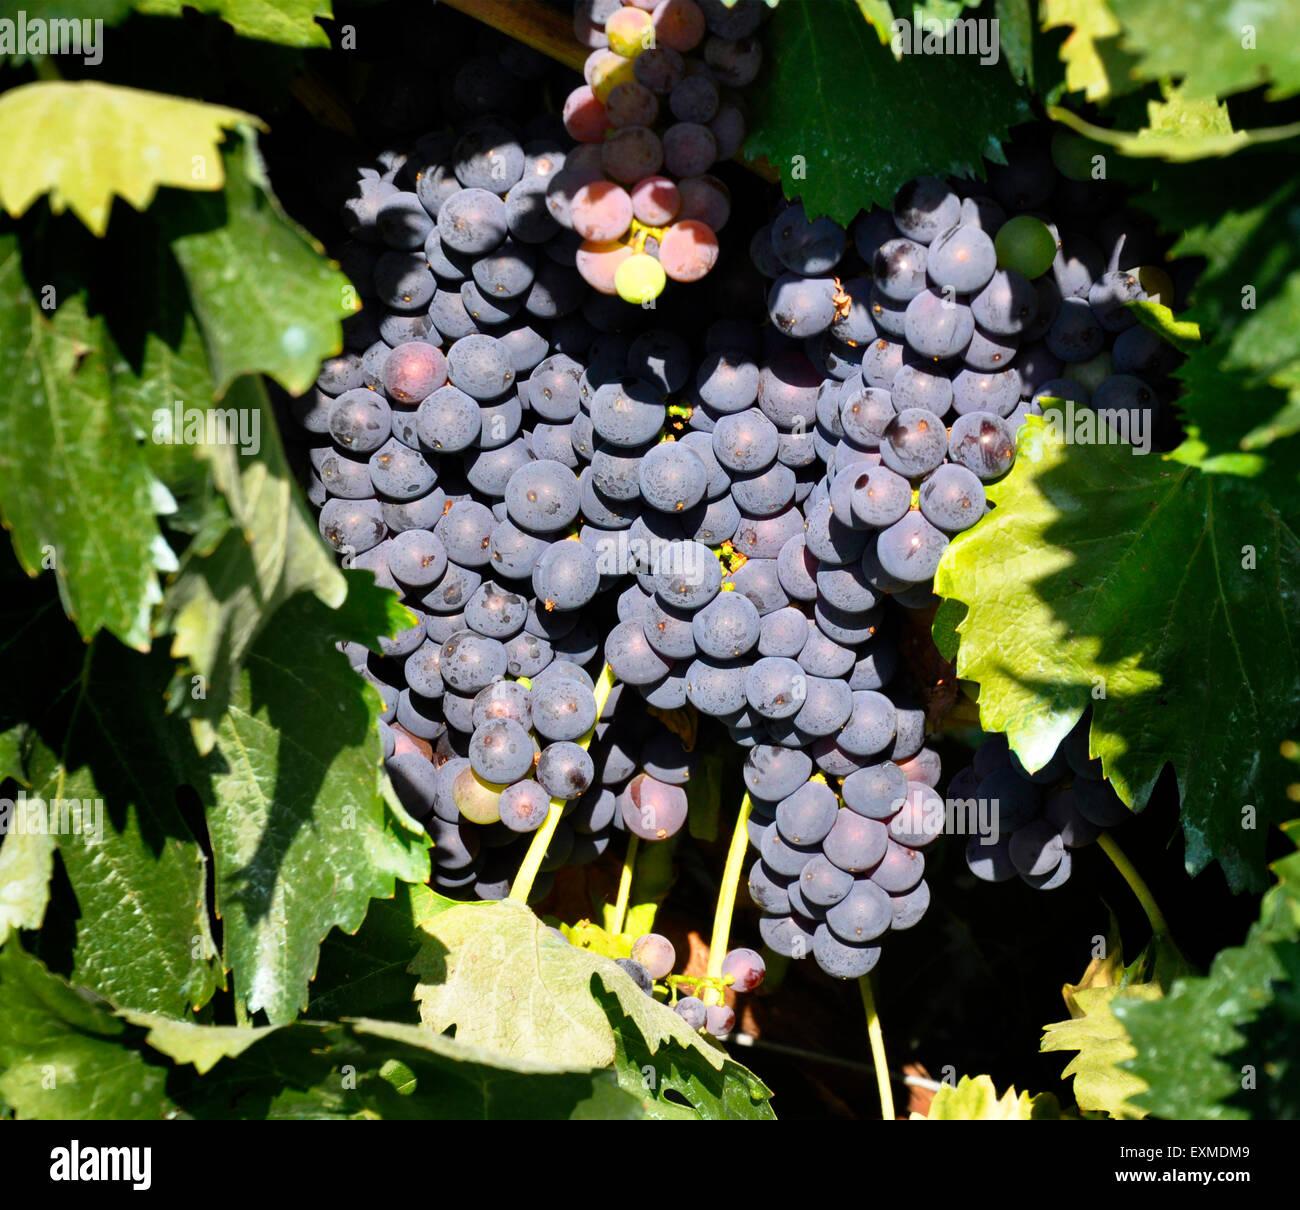 Un grappolo di uva appeso sulla vite Immagini Stock